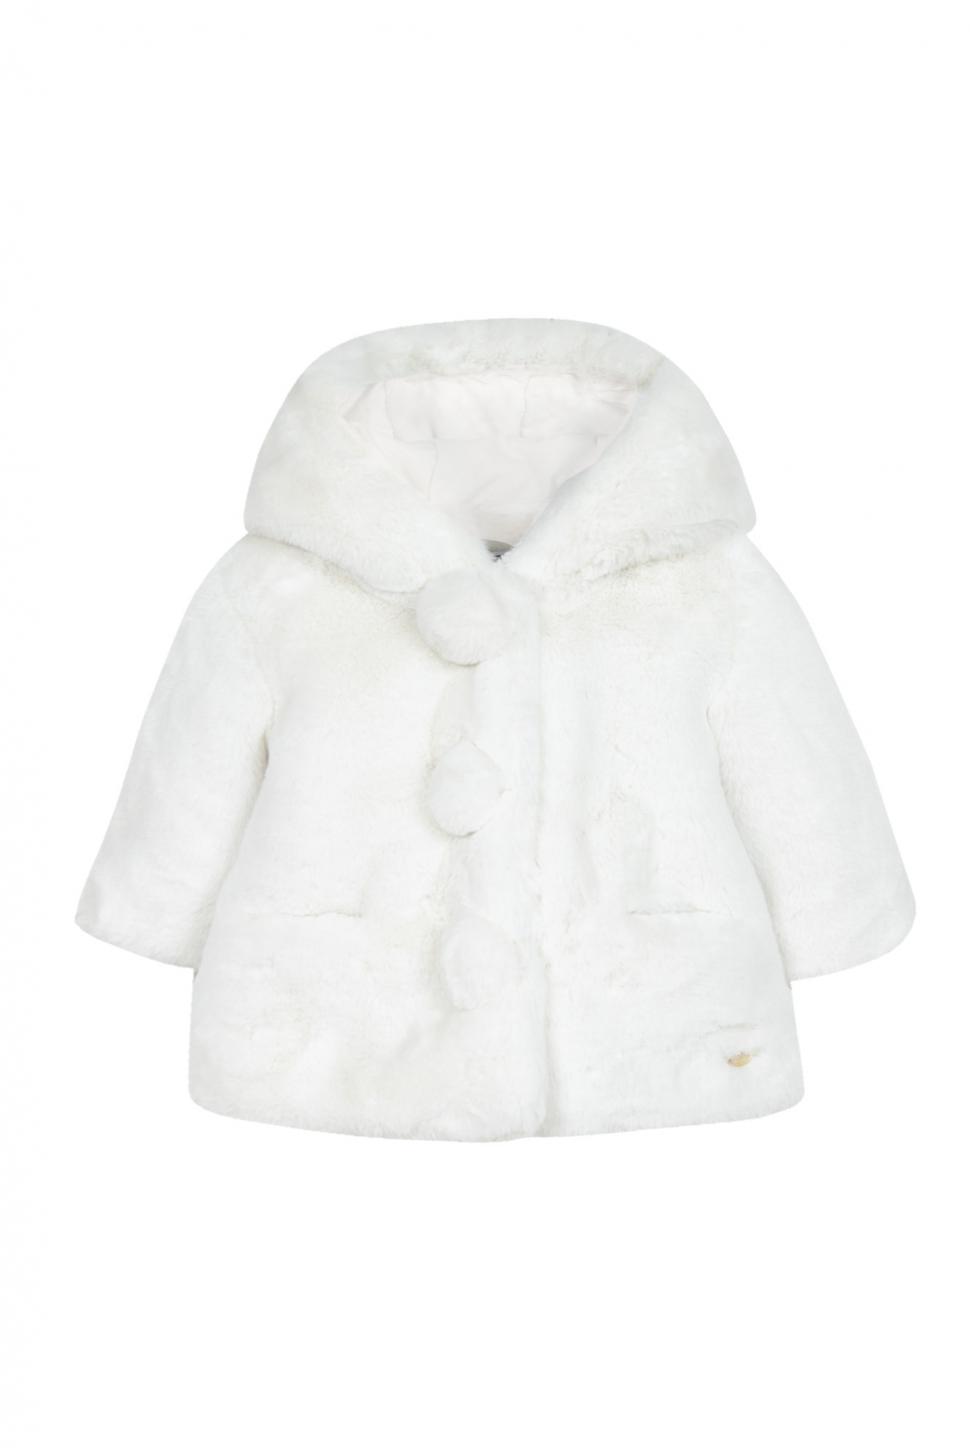 Luxury Fake Fur jasje Wit